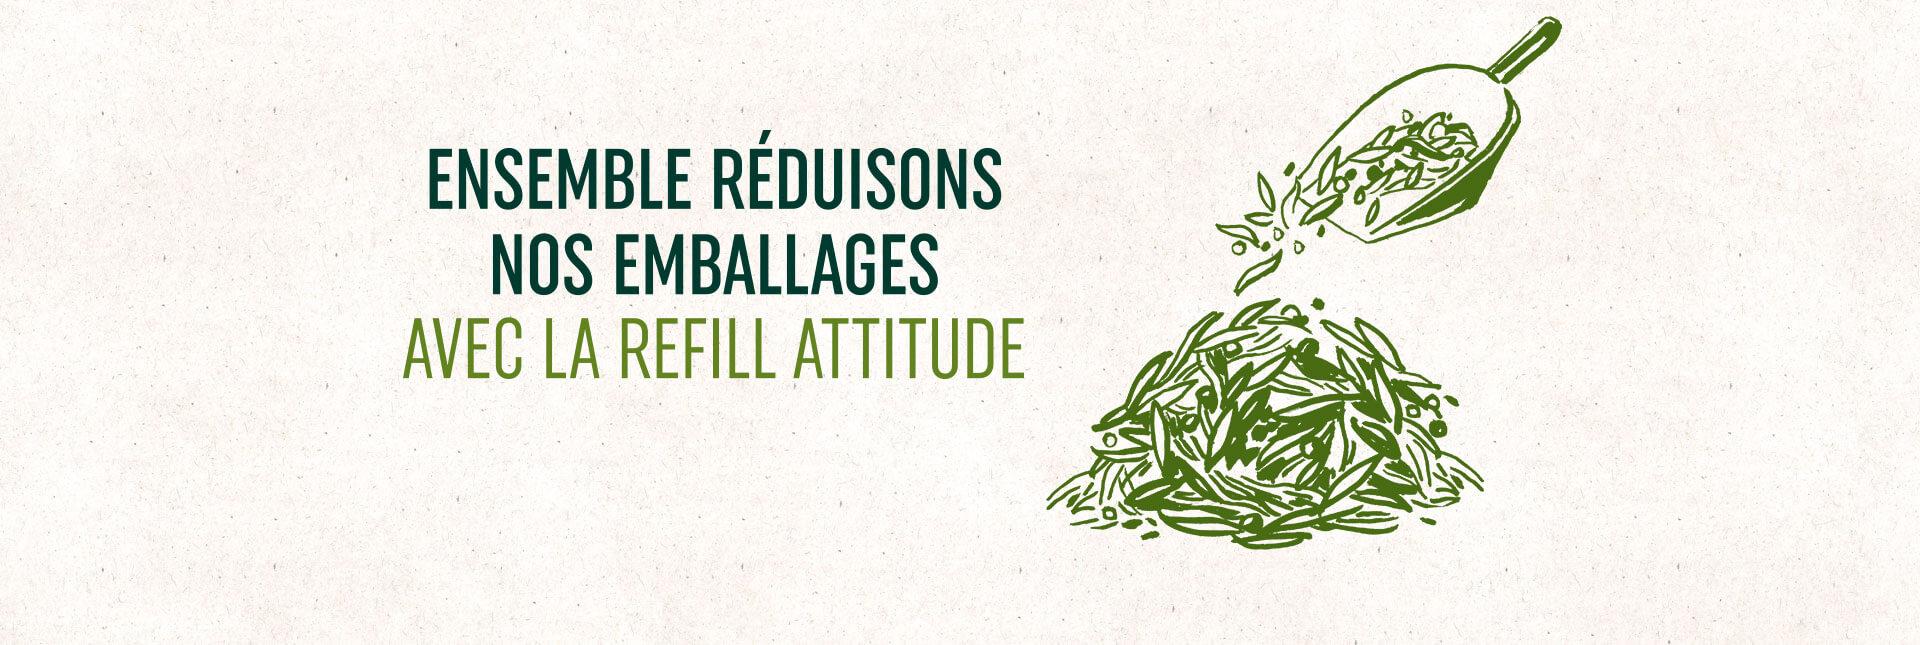 Refill Attitude